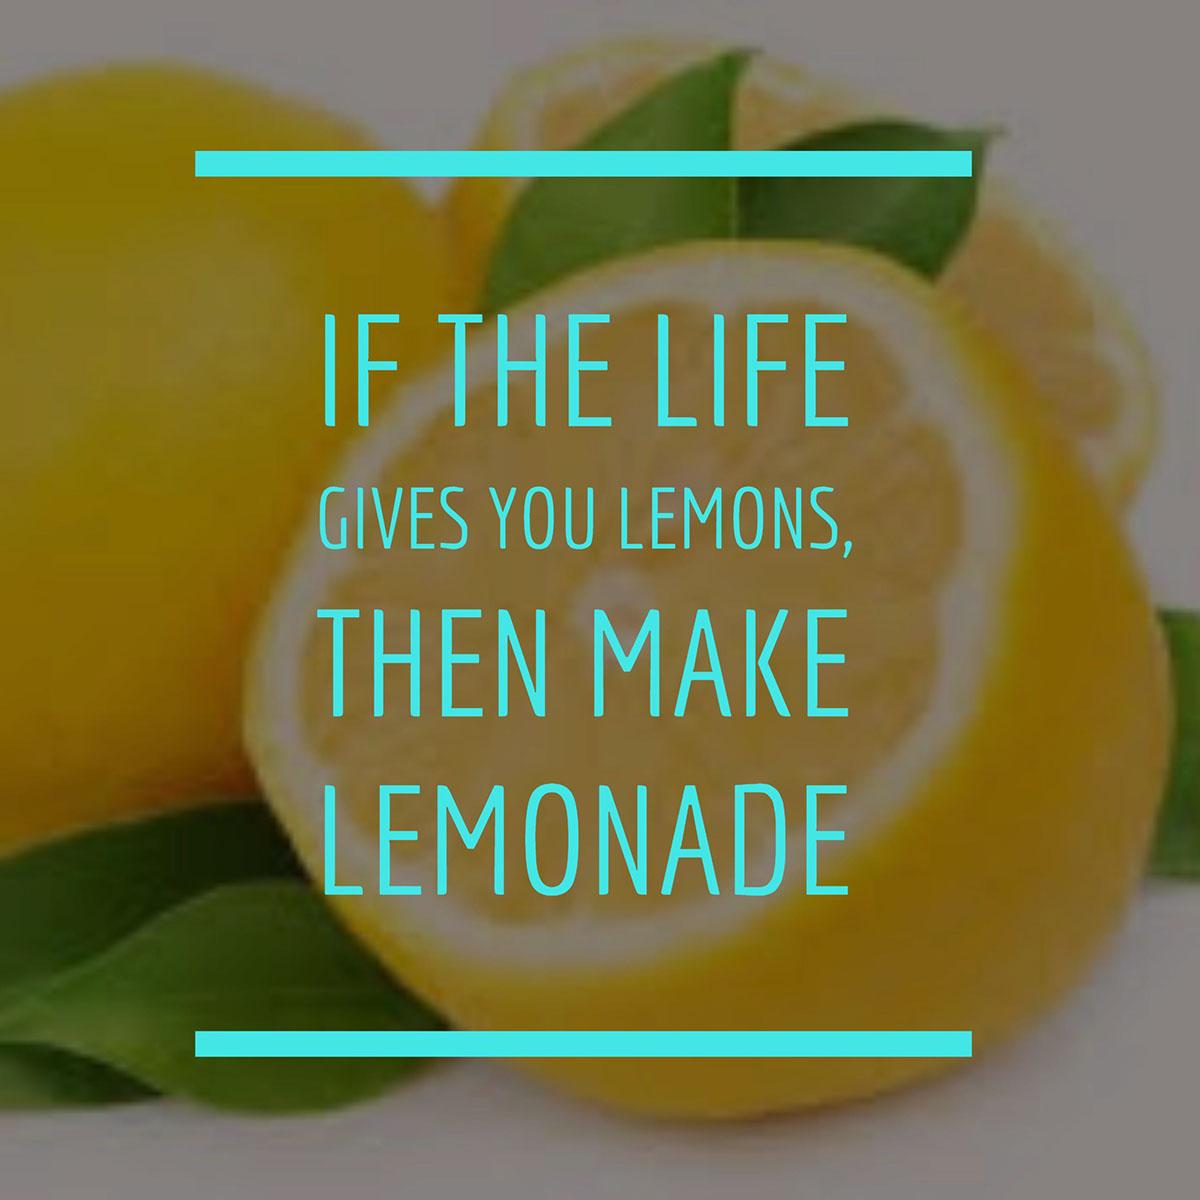 If the life gives you lemons, then make lemonade